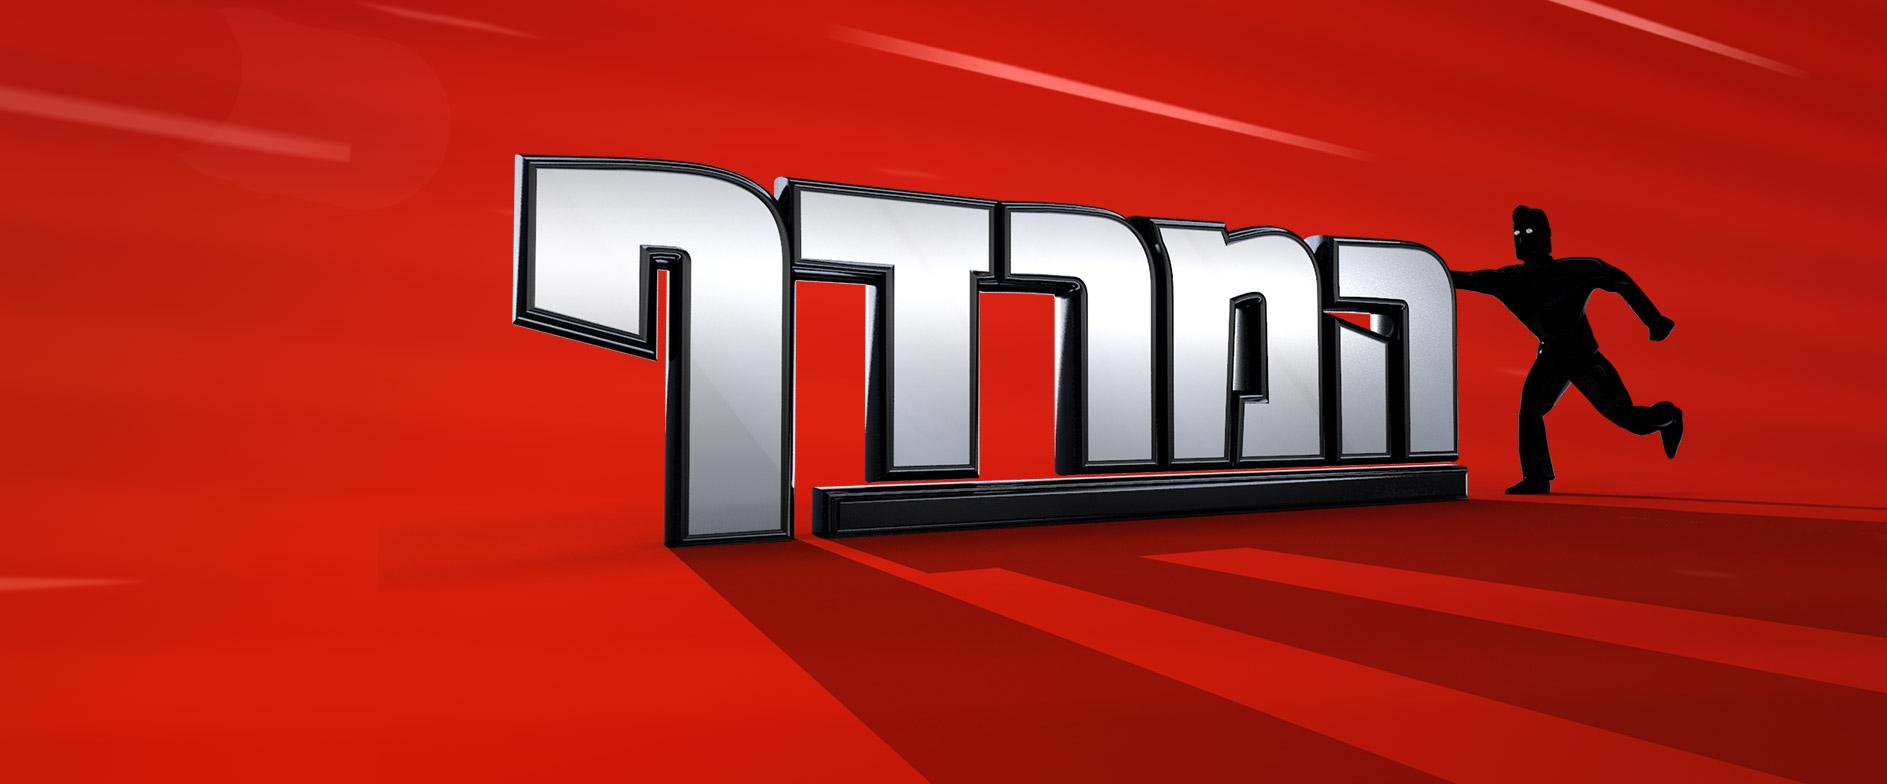 לוגו המרדף